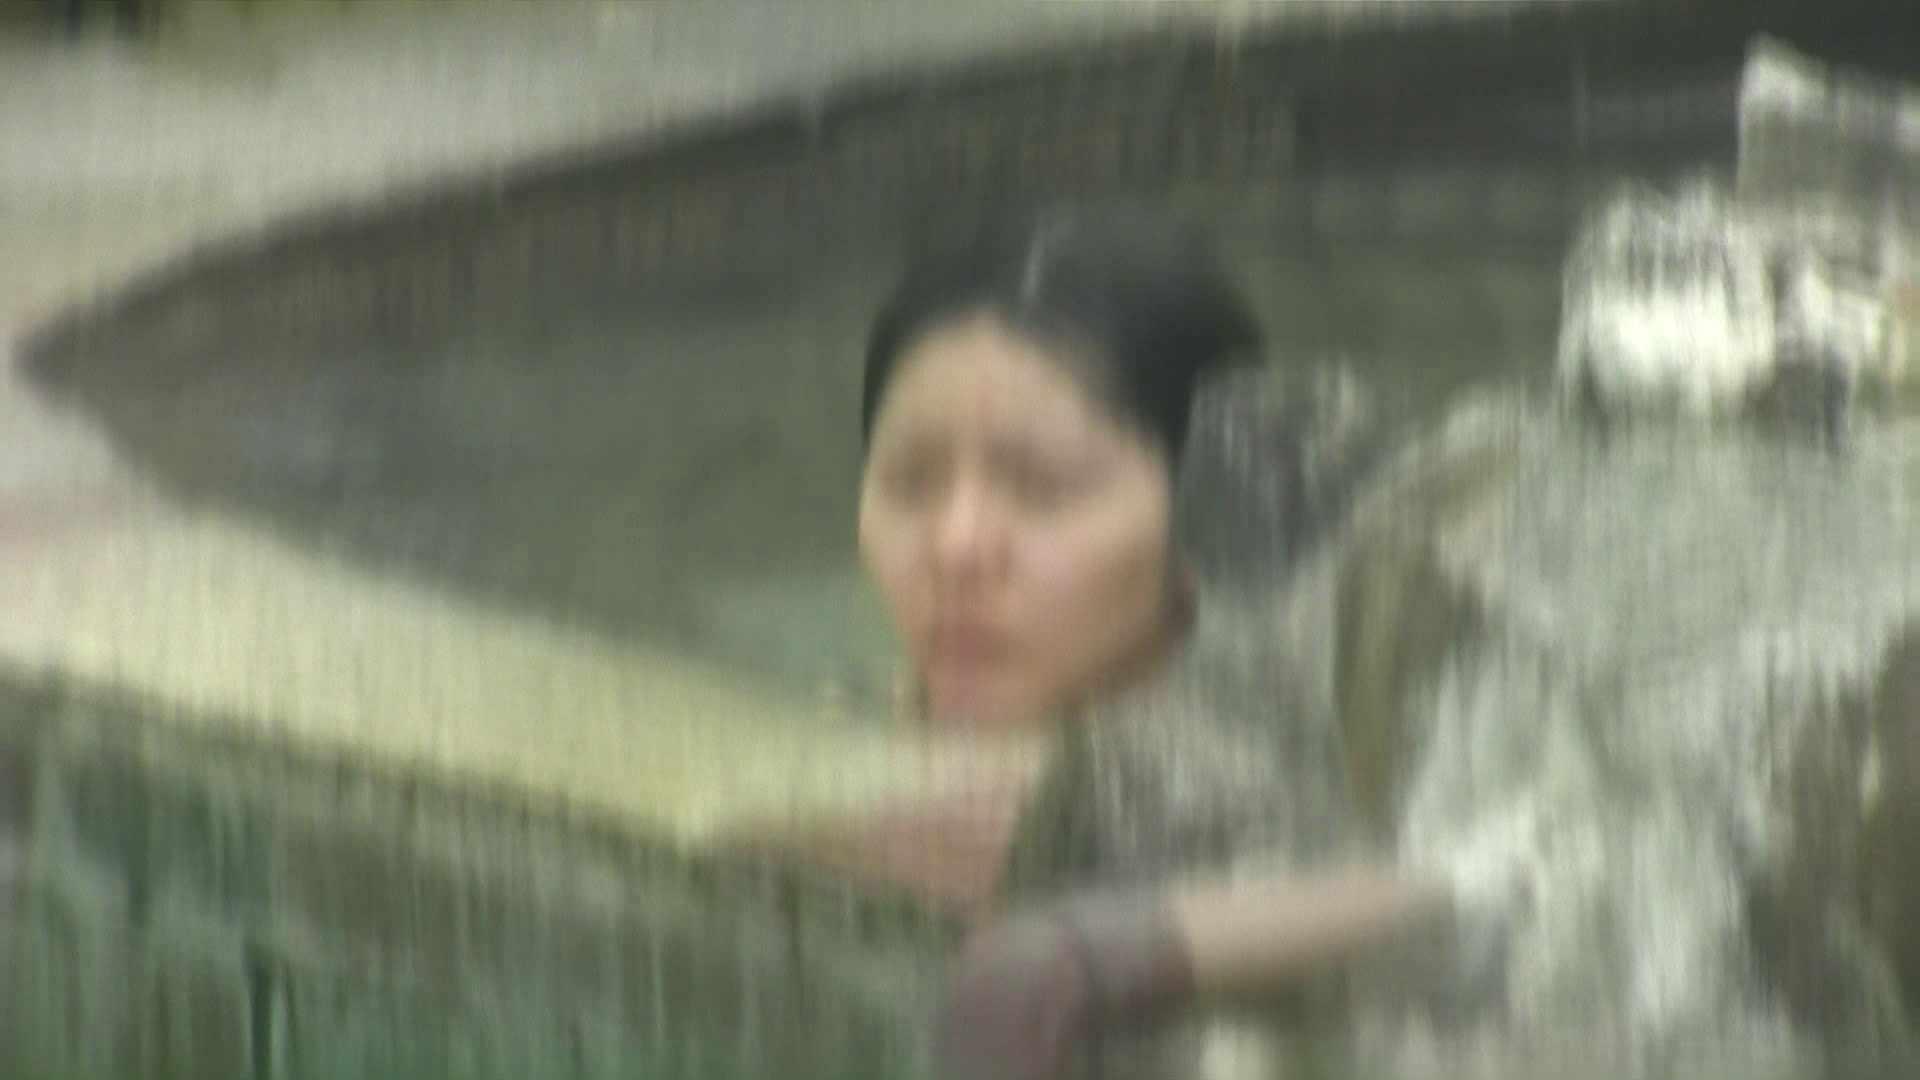 高画質露天女風呂観察 vol.040 高画質 オマンコ動画キャプチャ 94PIX 51